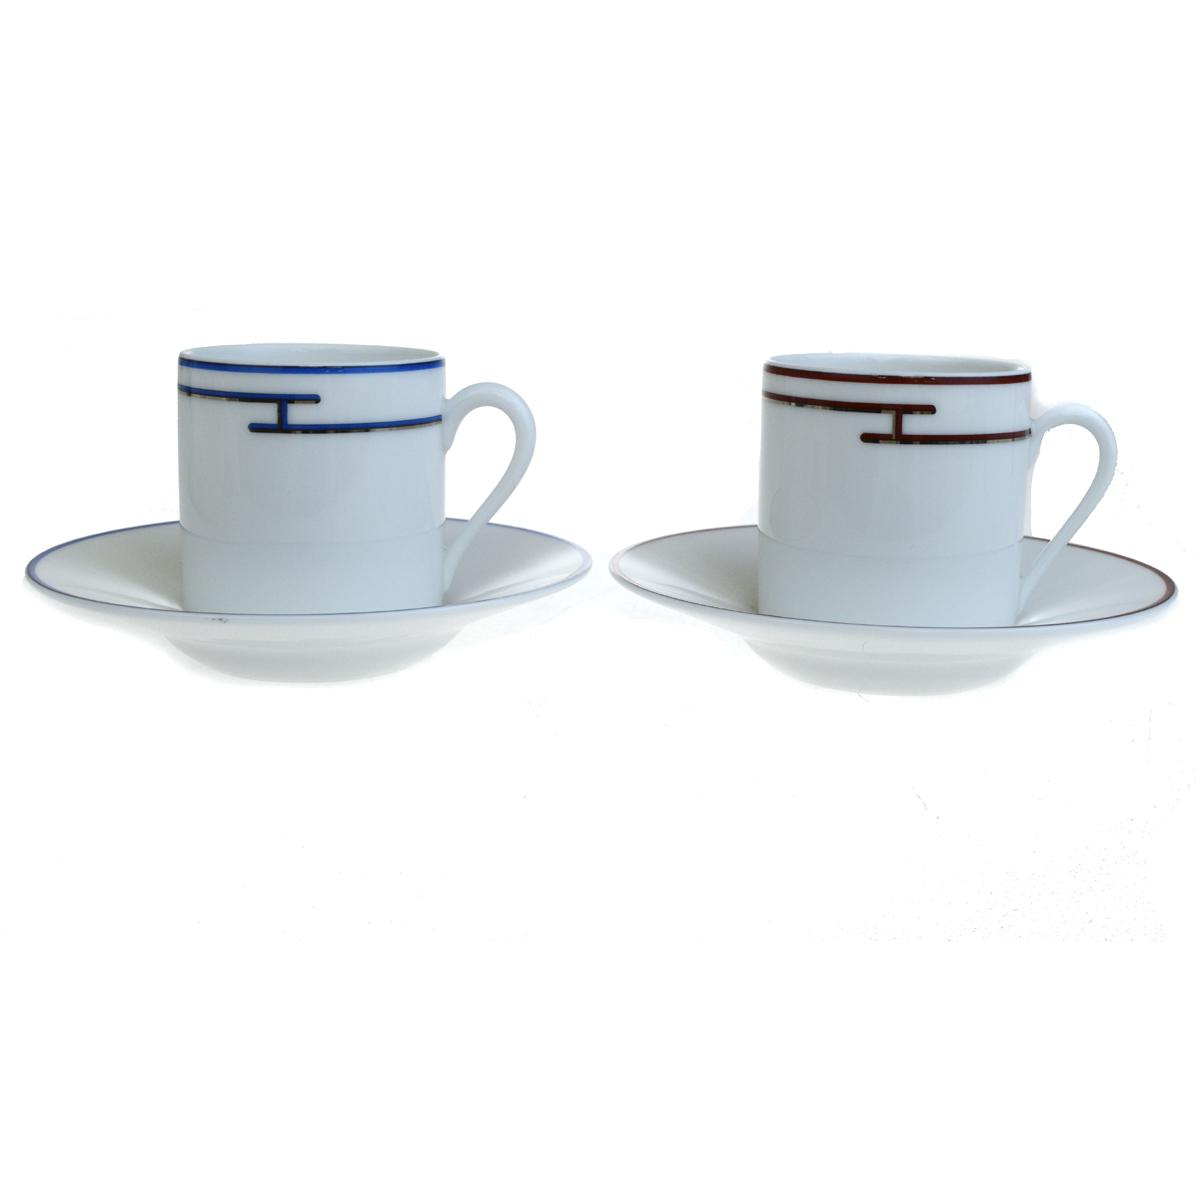 【中古】 超美品 エルメス HERMES カップ&ソーサー 2客セット ペアセット ブルー ホワイト 陶器